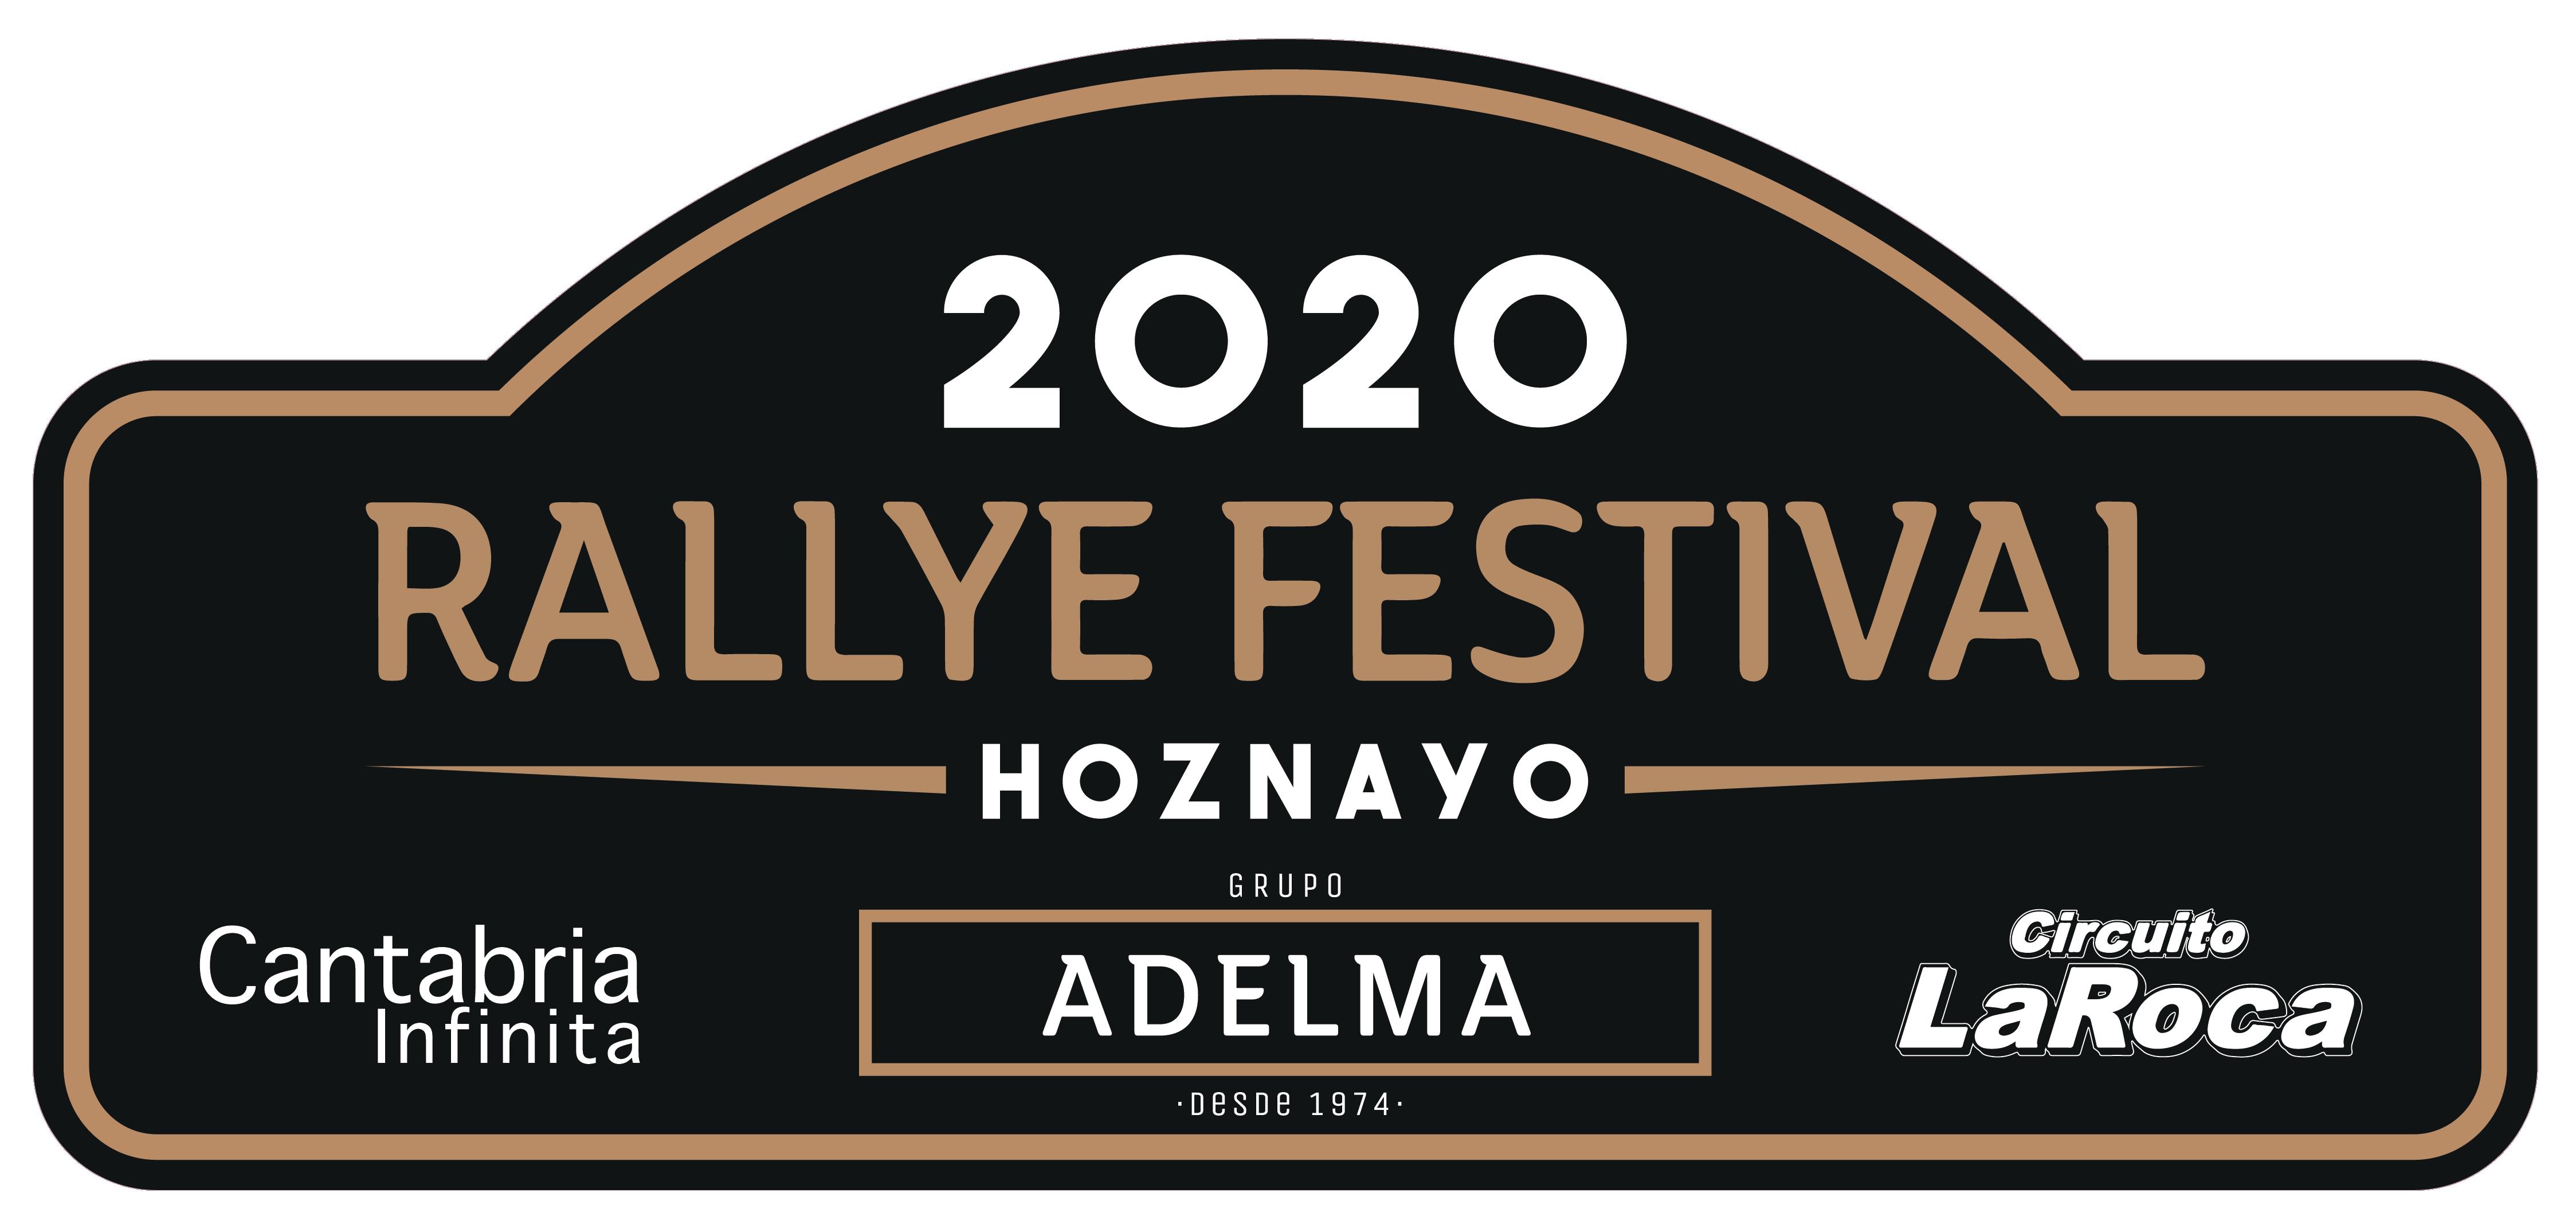 Tienda Online Rallye Festival Hoznayo